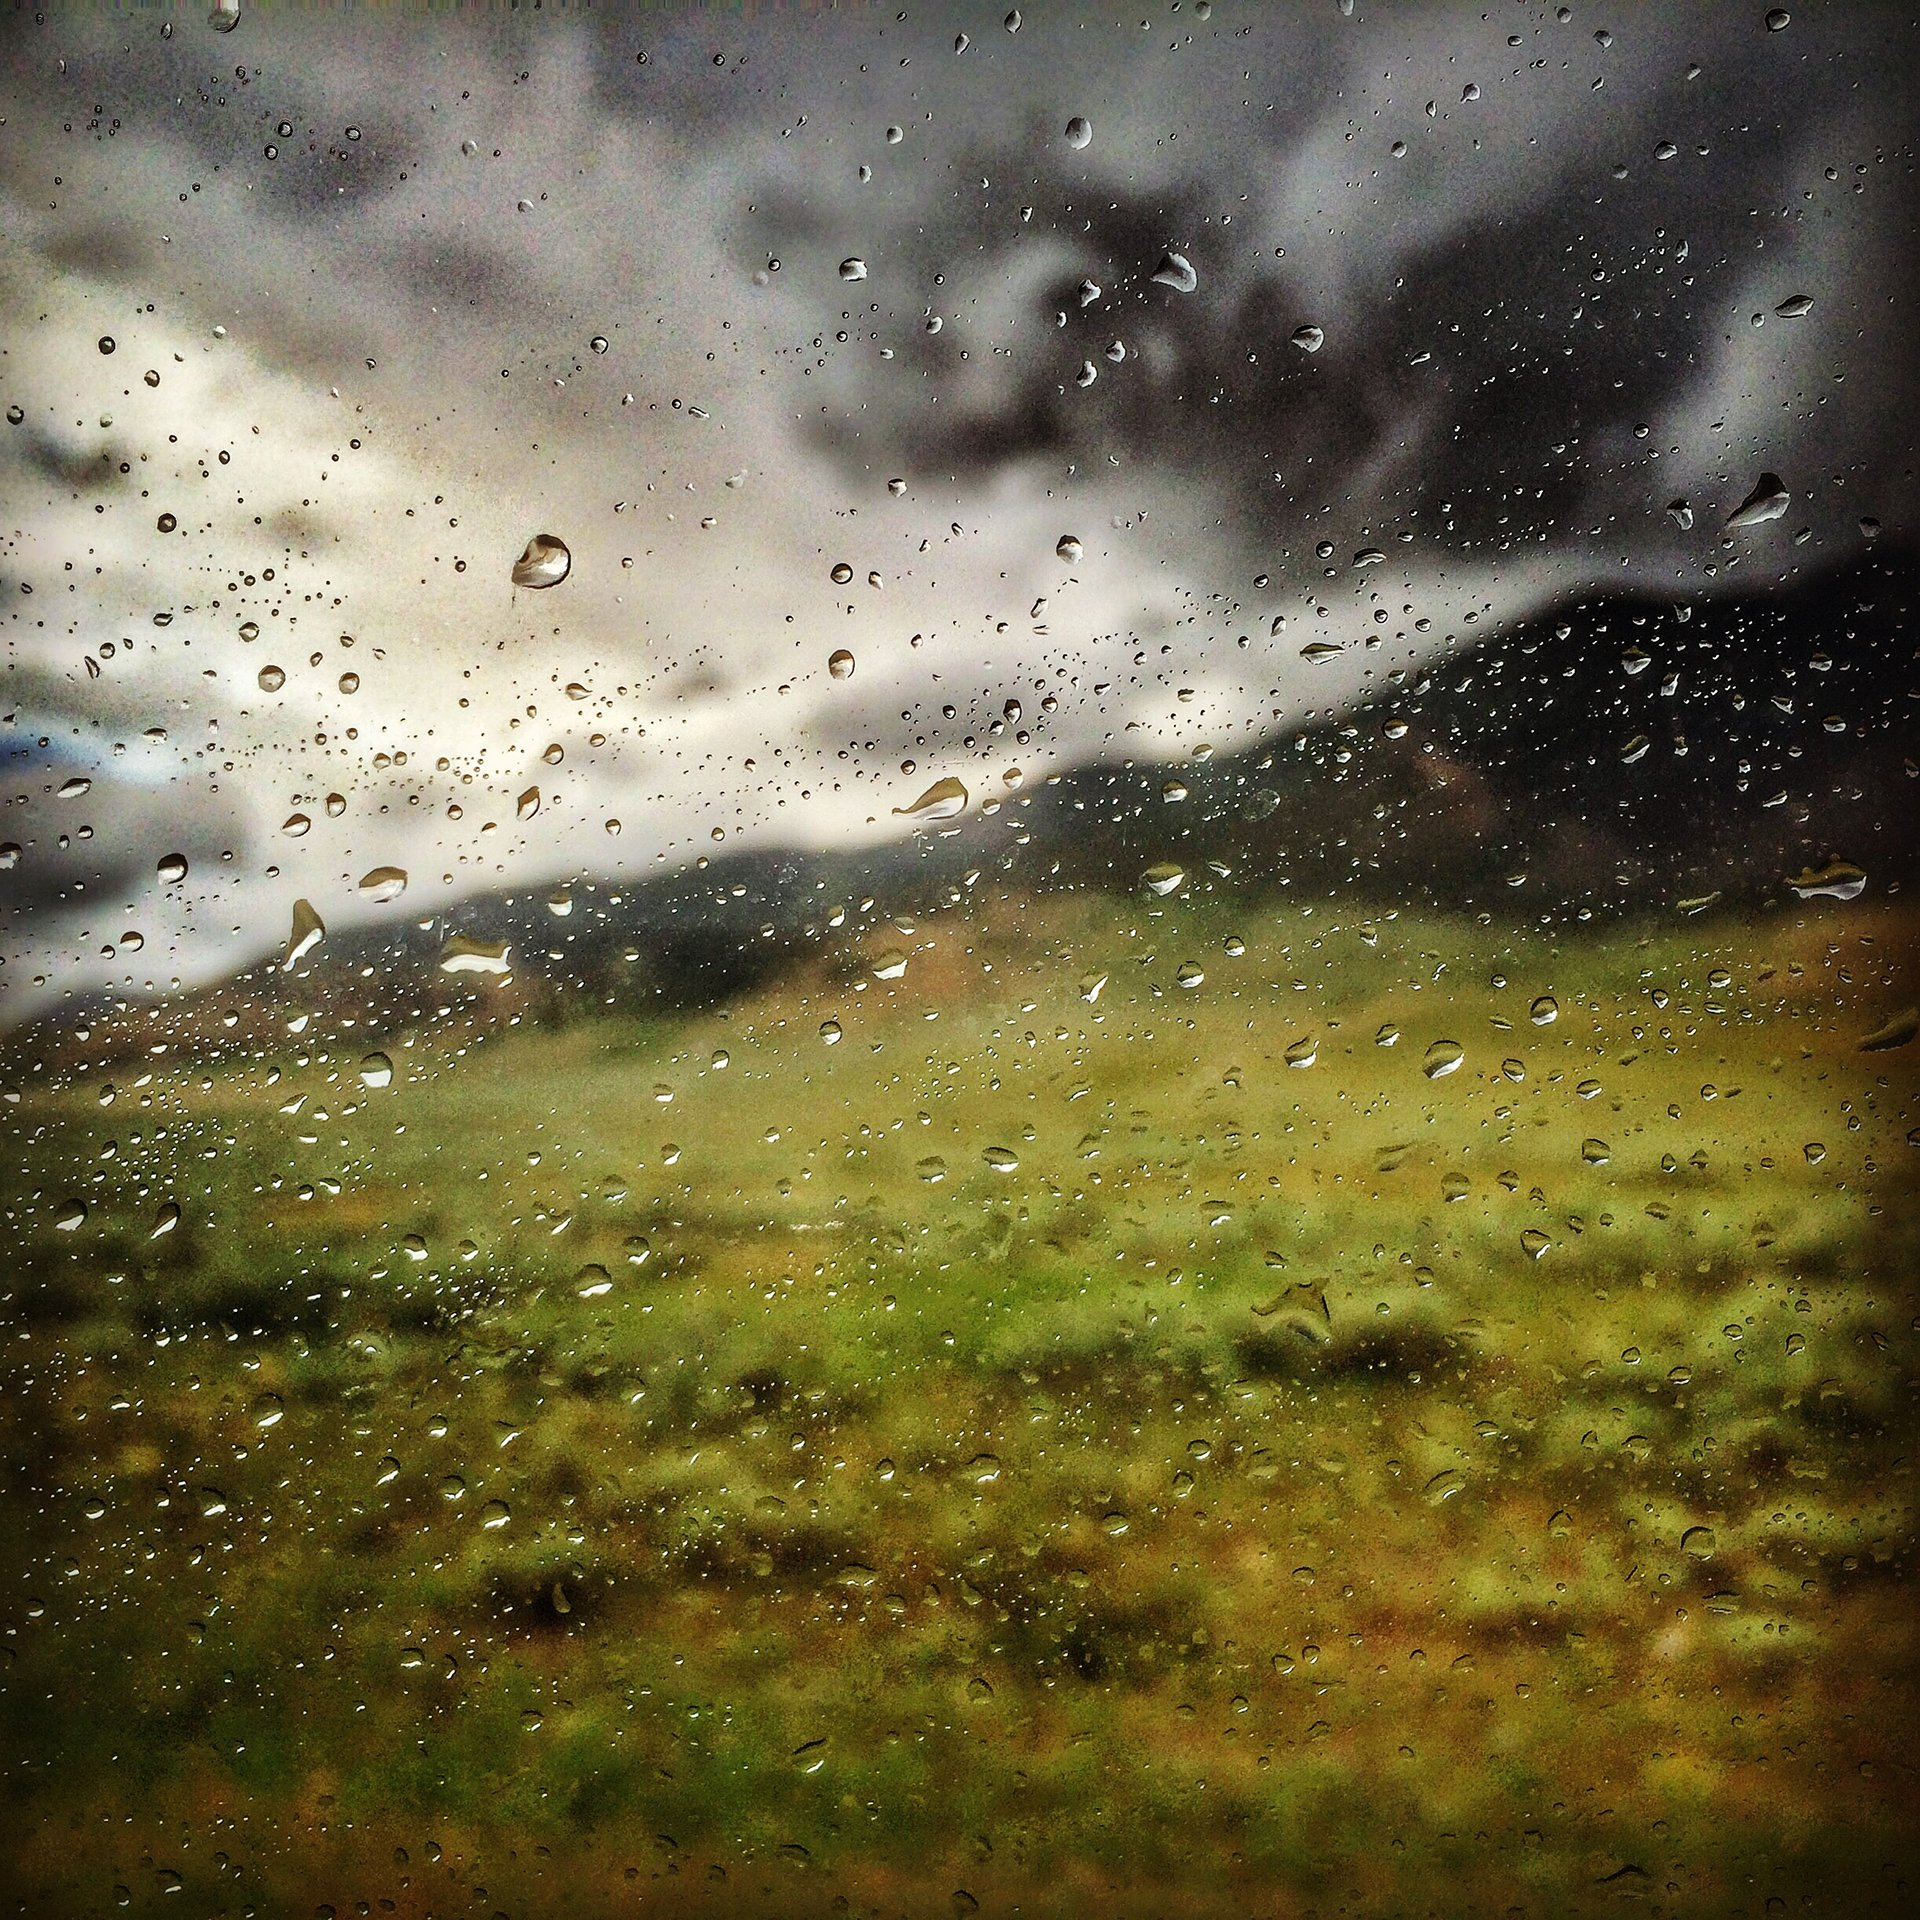 rain on window